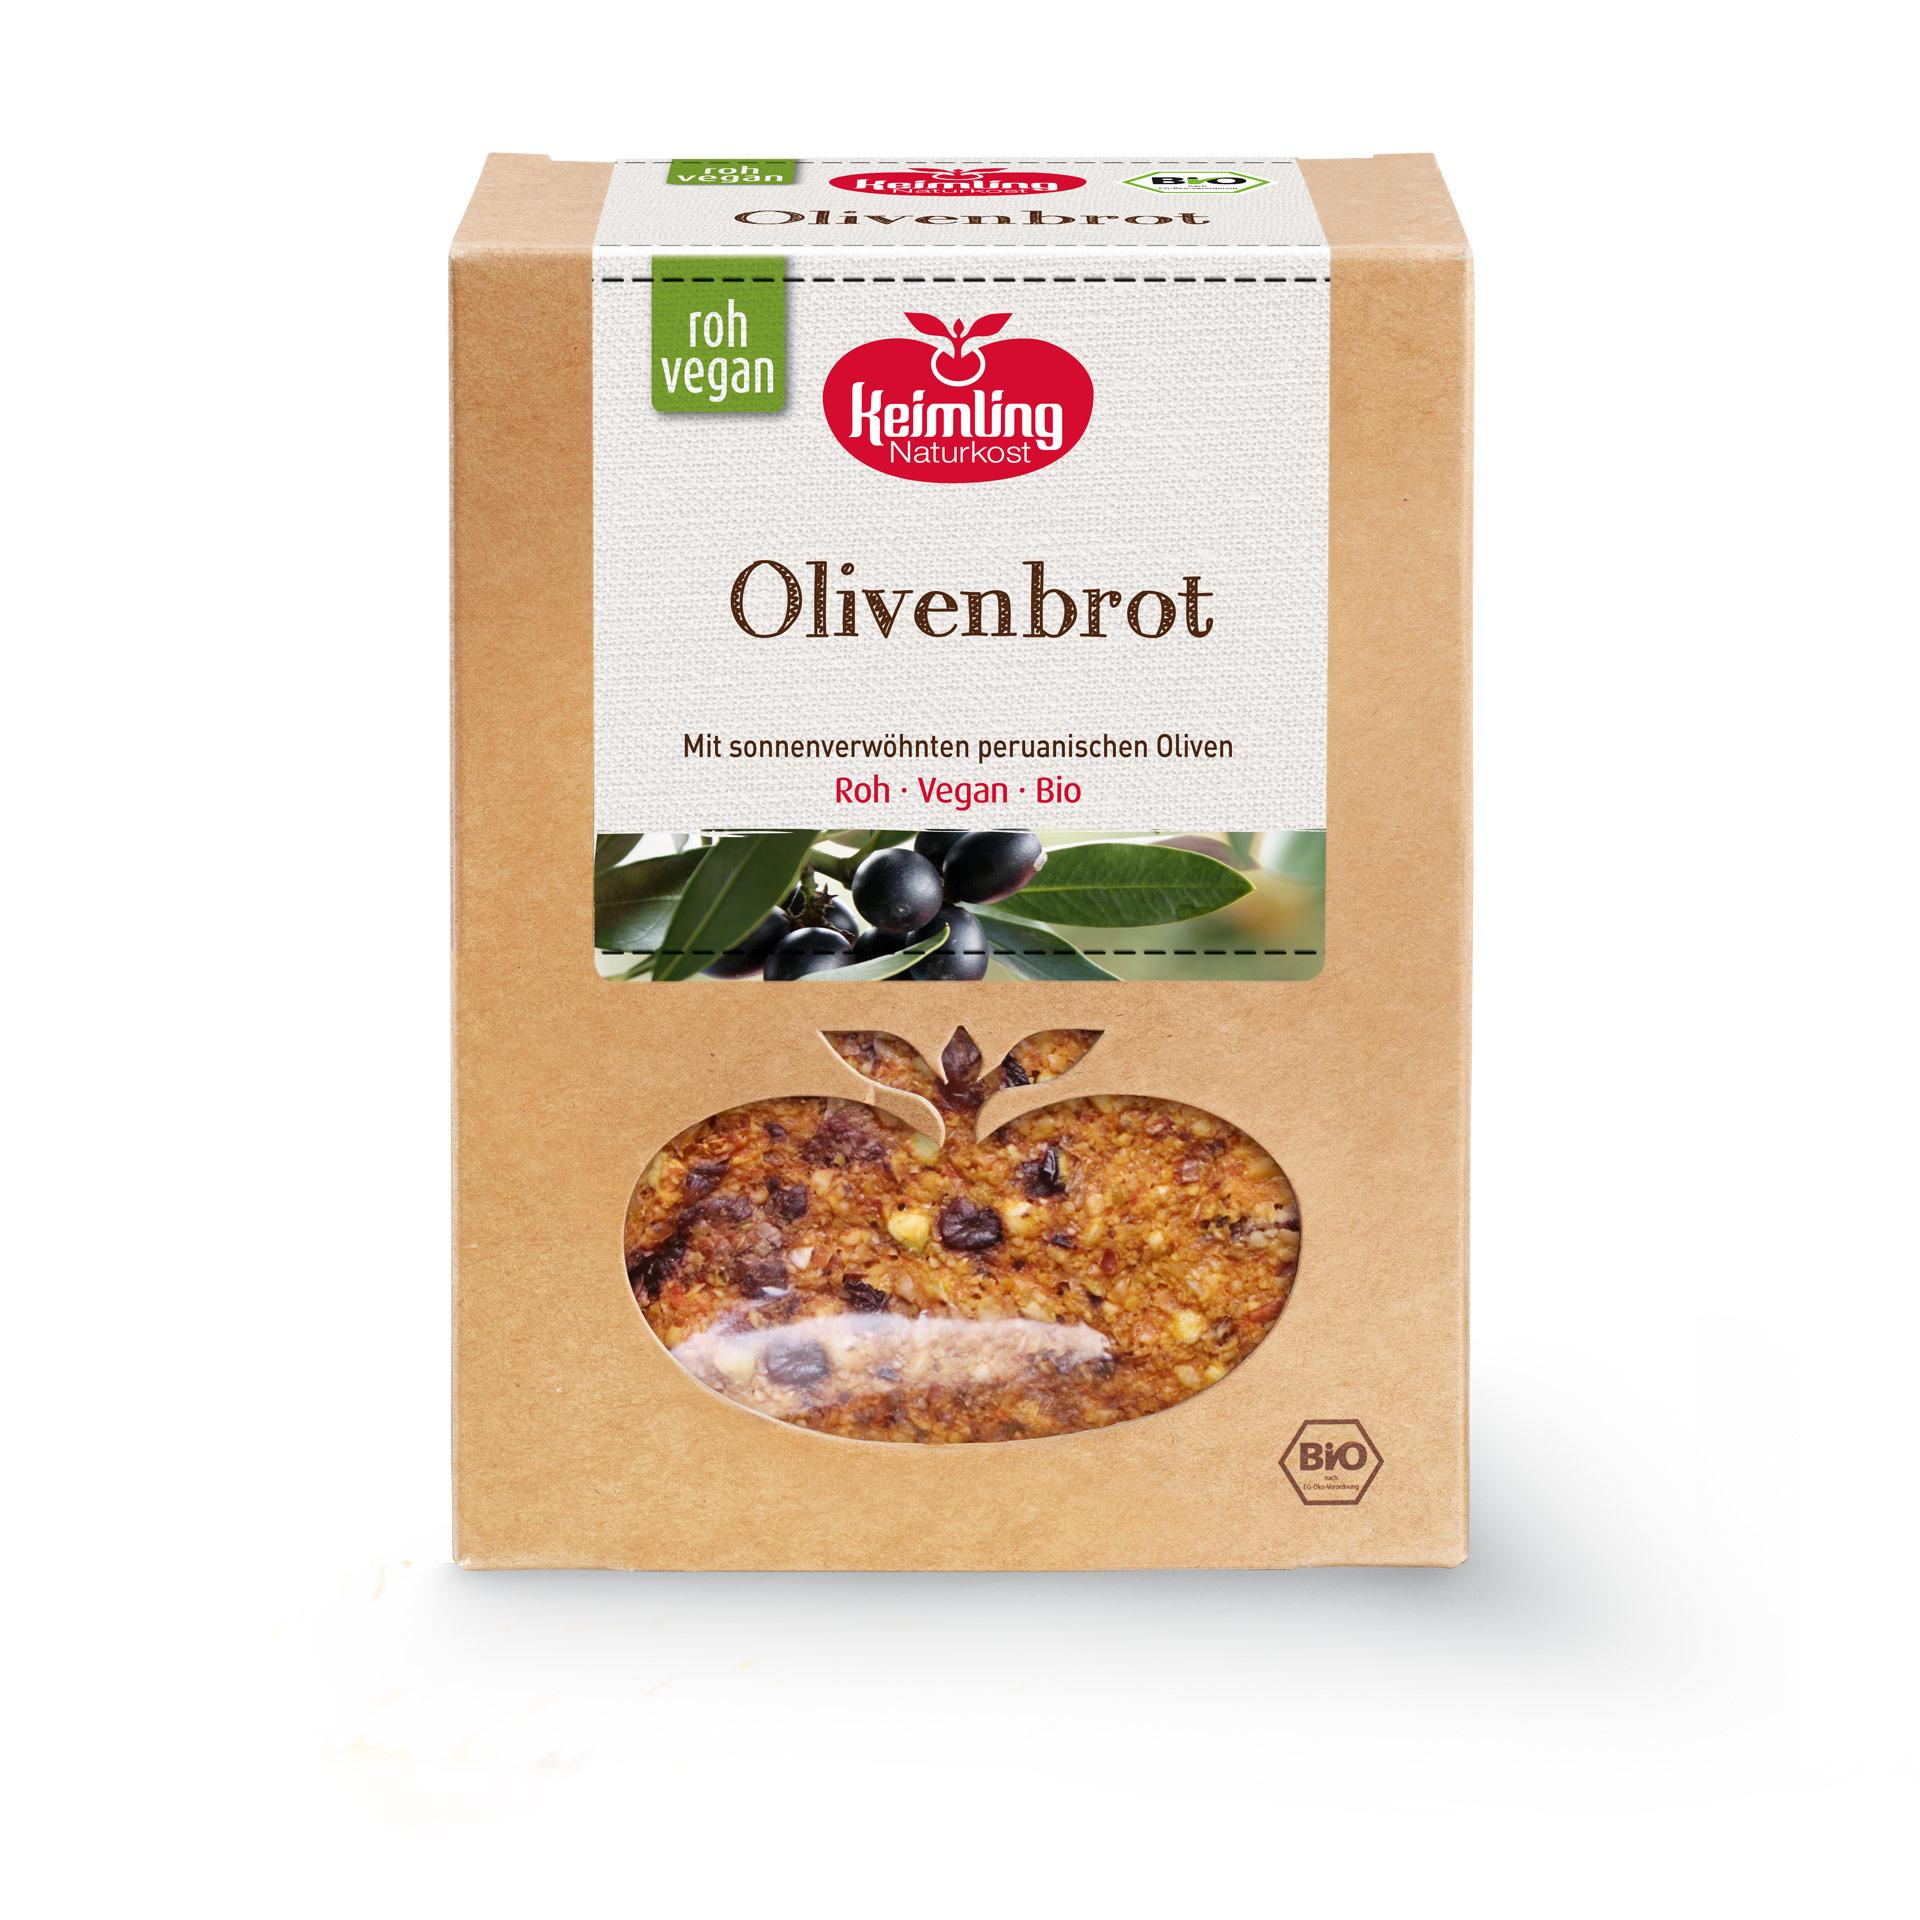 Rohkost Olivenbrot von Keimling Naturkost aus Bio Zutaten, gluten- und hefefrei